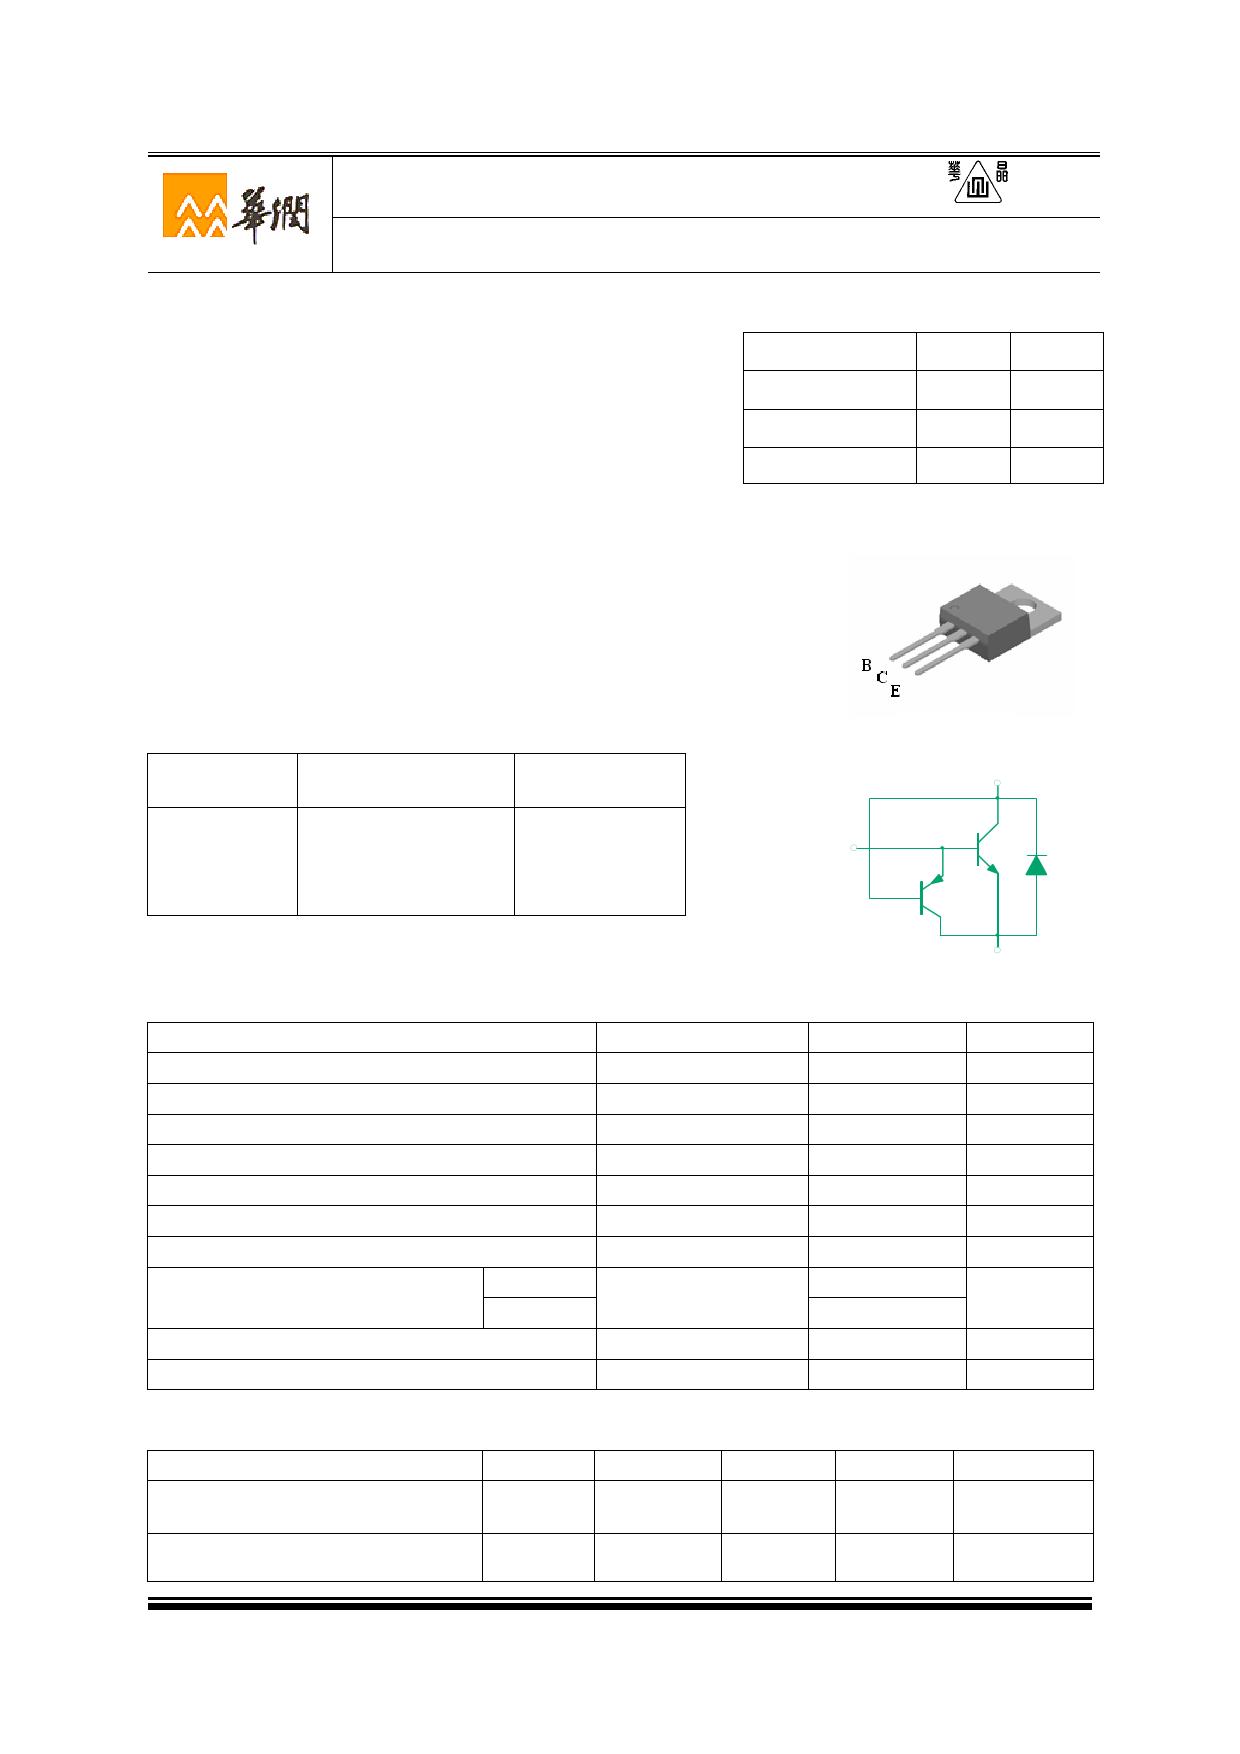 3DD128Y8D Datasheet, 3DD128Y8D PDF,ピン配置, 機能